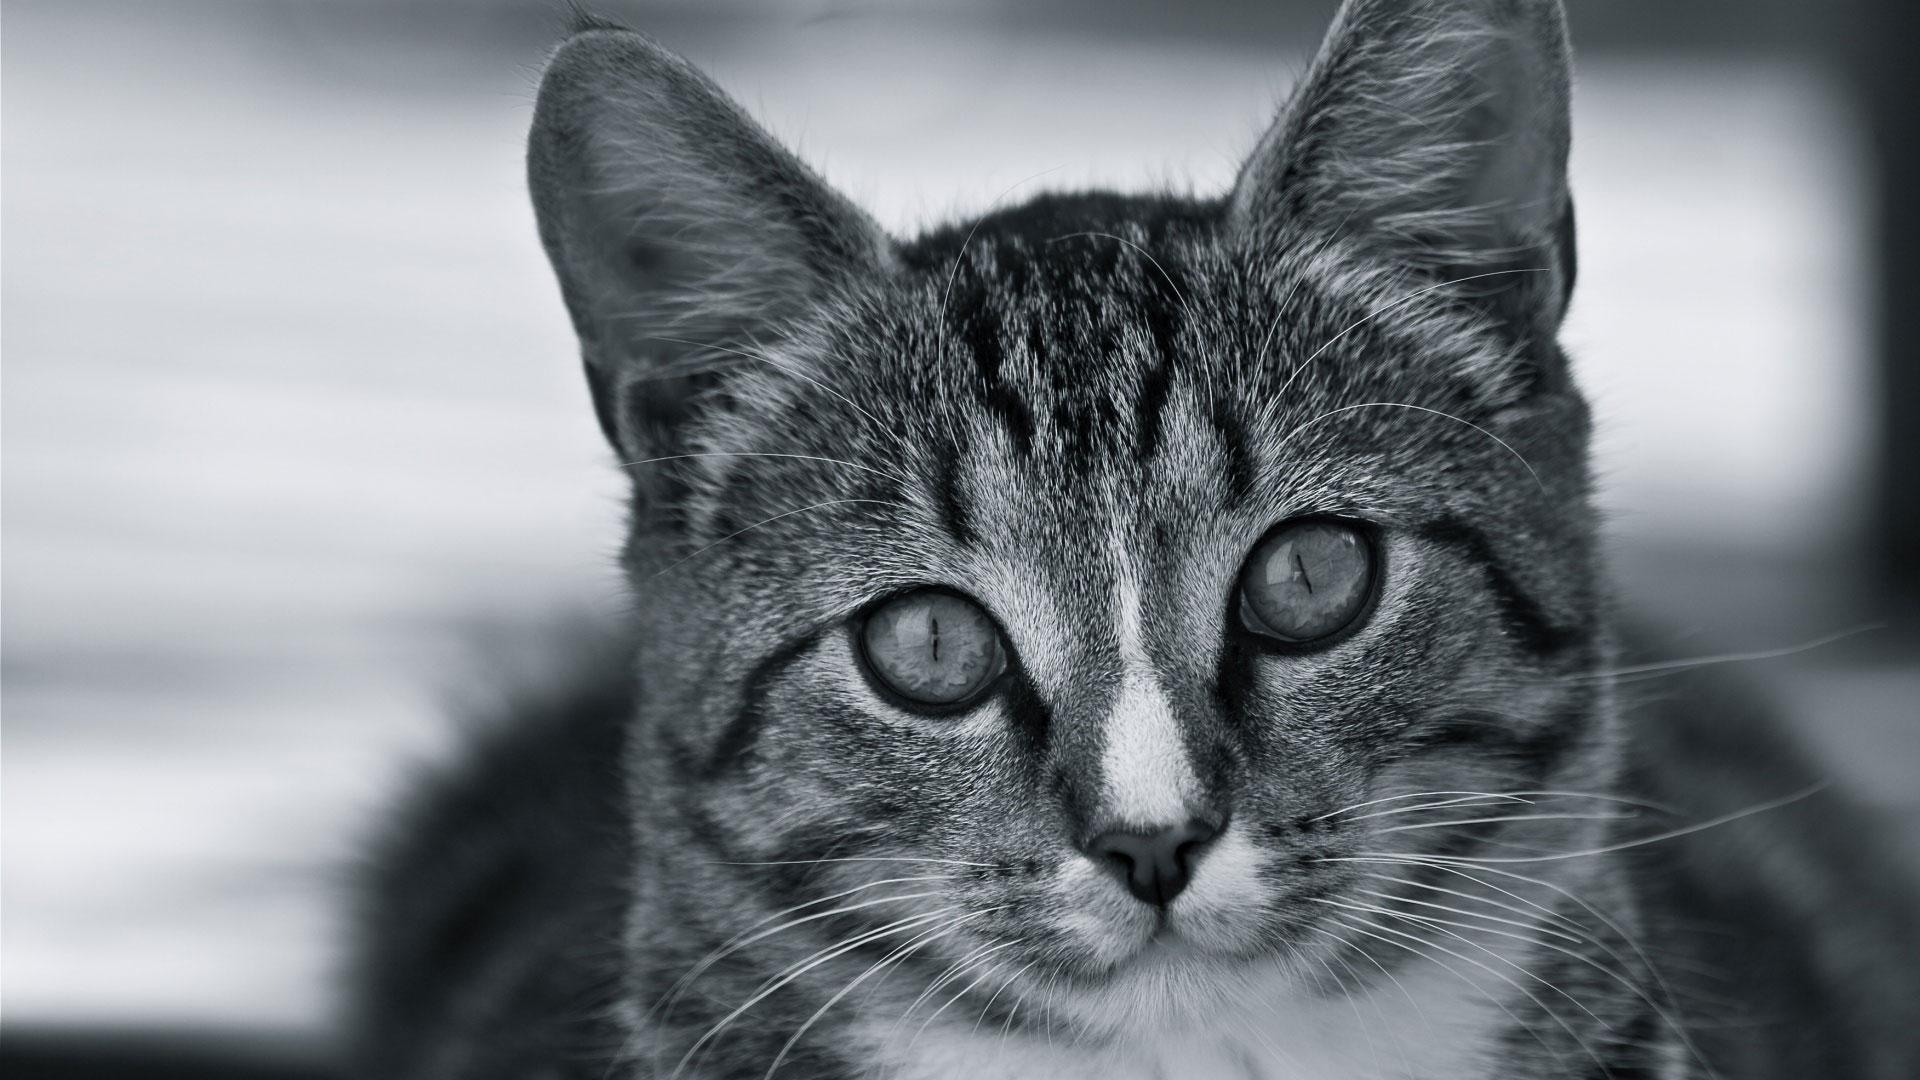 Широкоформатные обои Полосатый кот, Морда полосатого кота в черно-белом изображении.